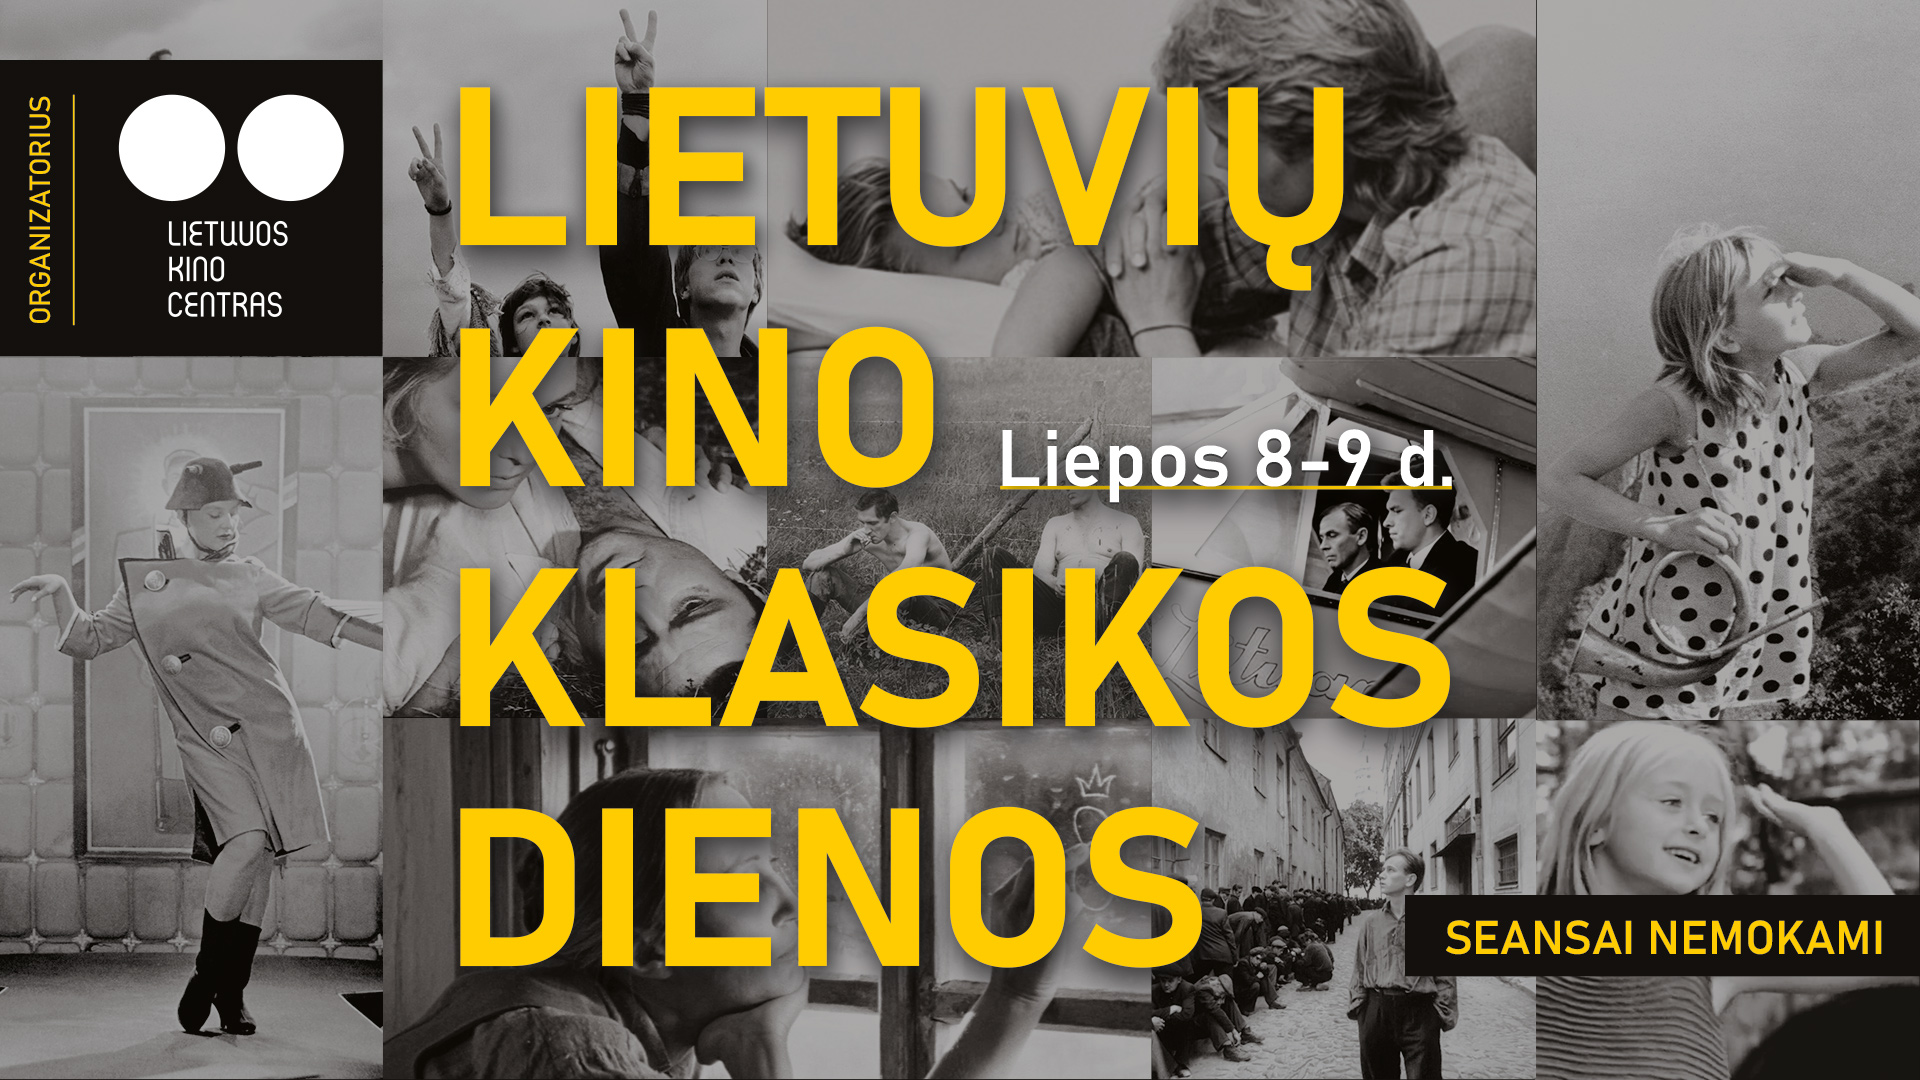 Lietuvių kino klasikos dienos sujungs keturiolika šalies kino teatrų